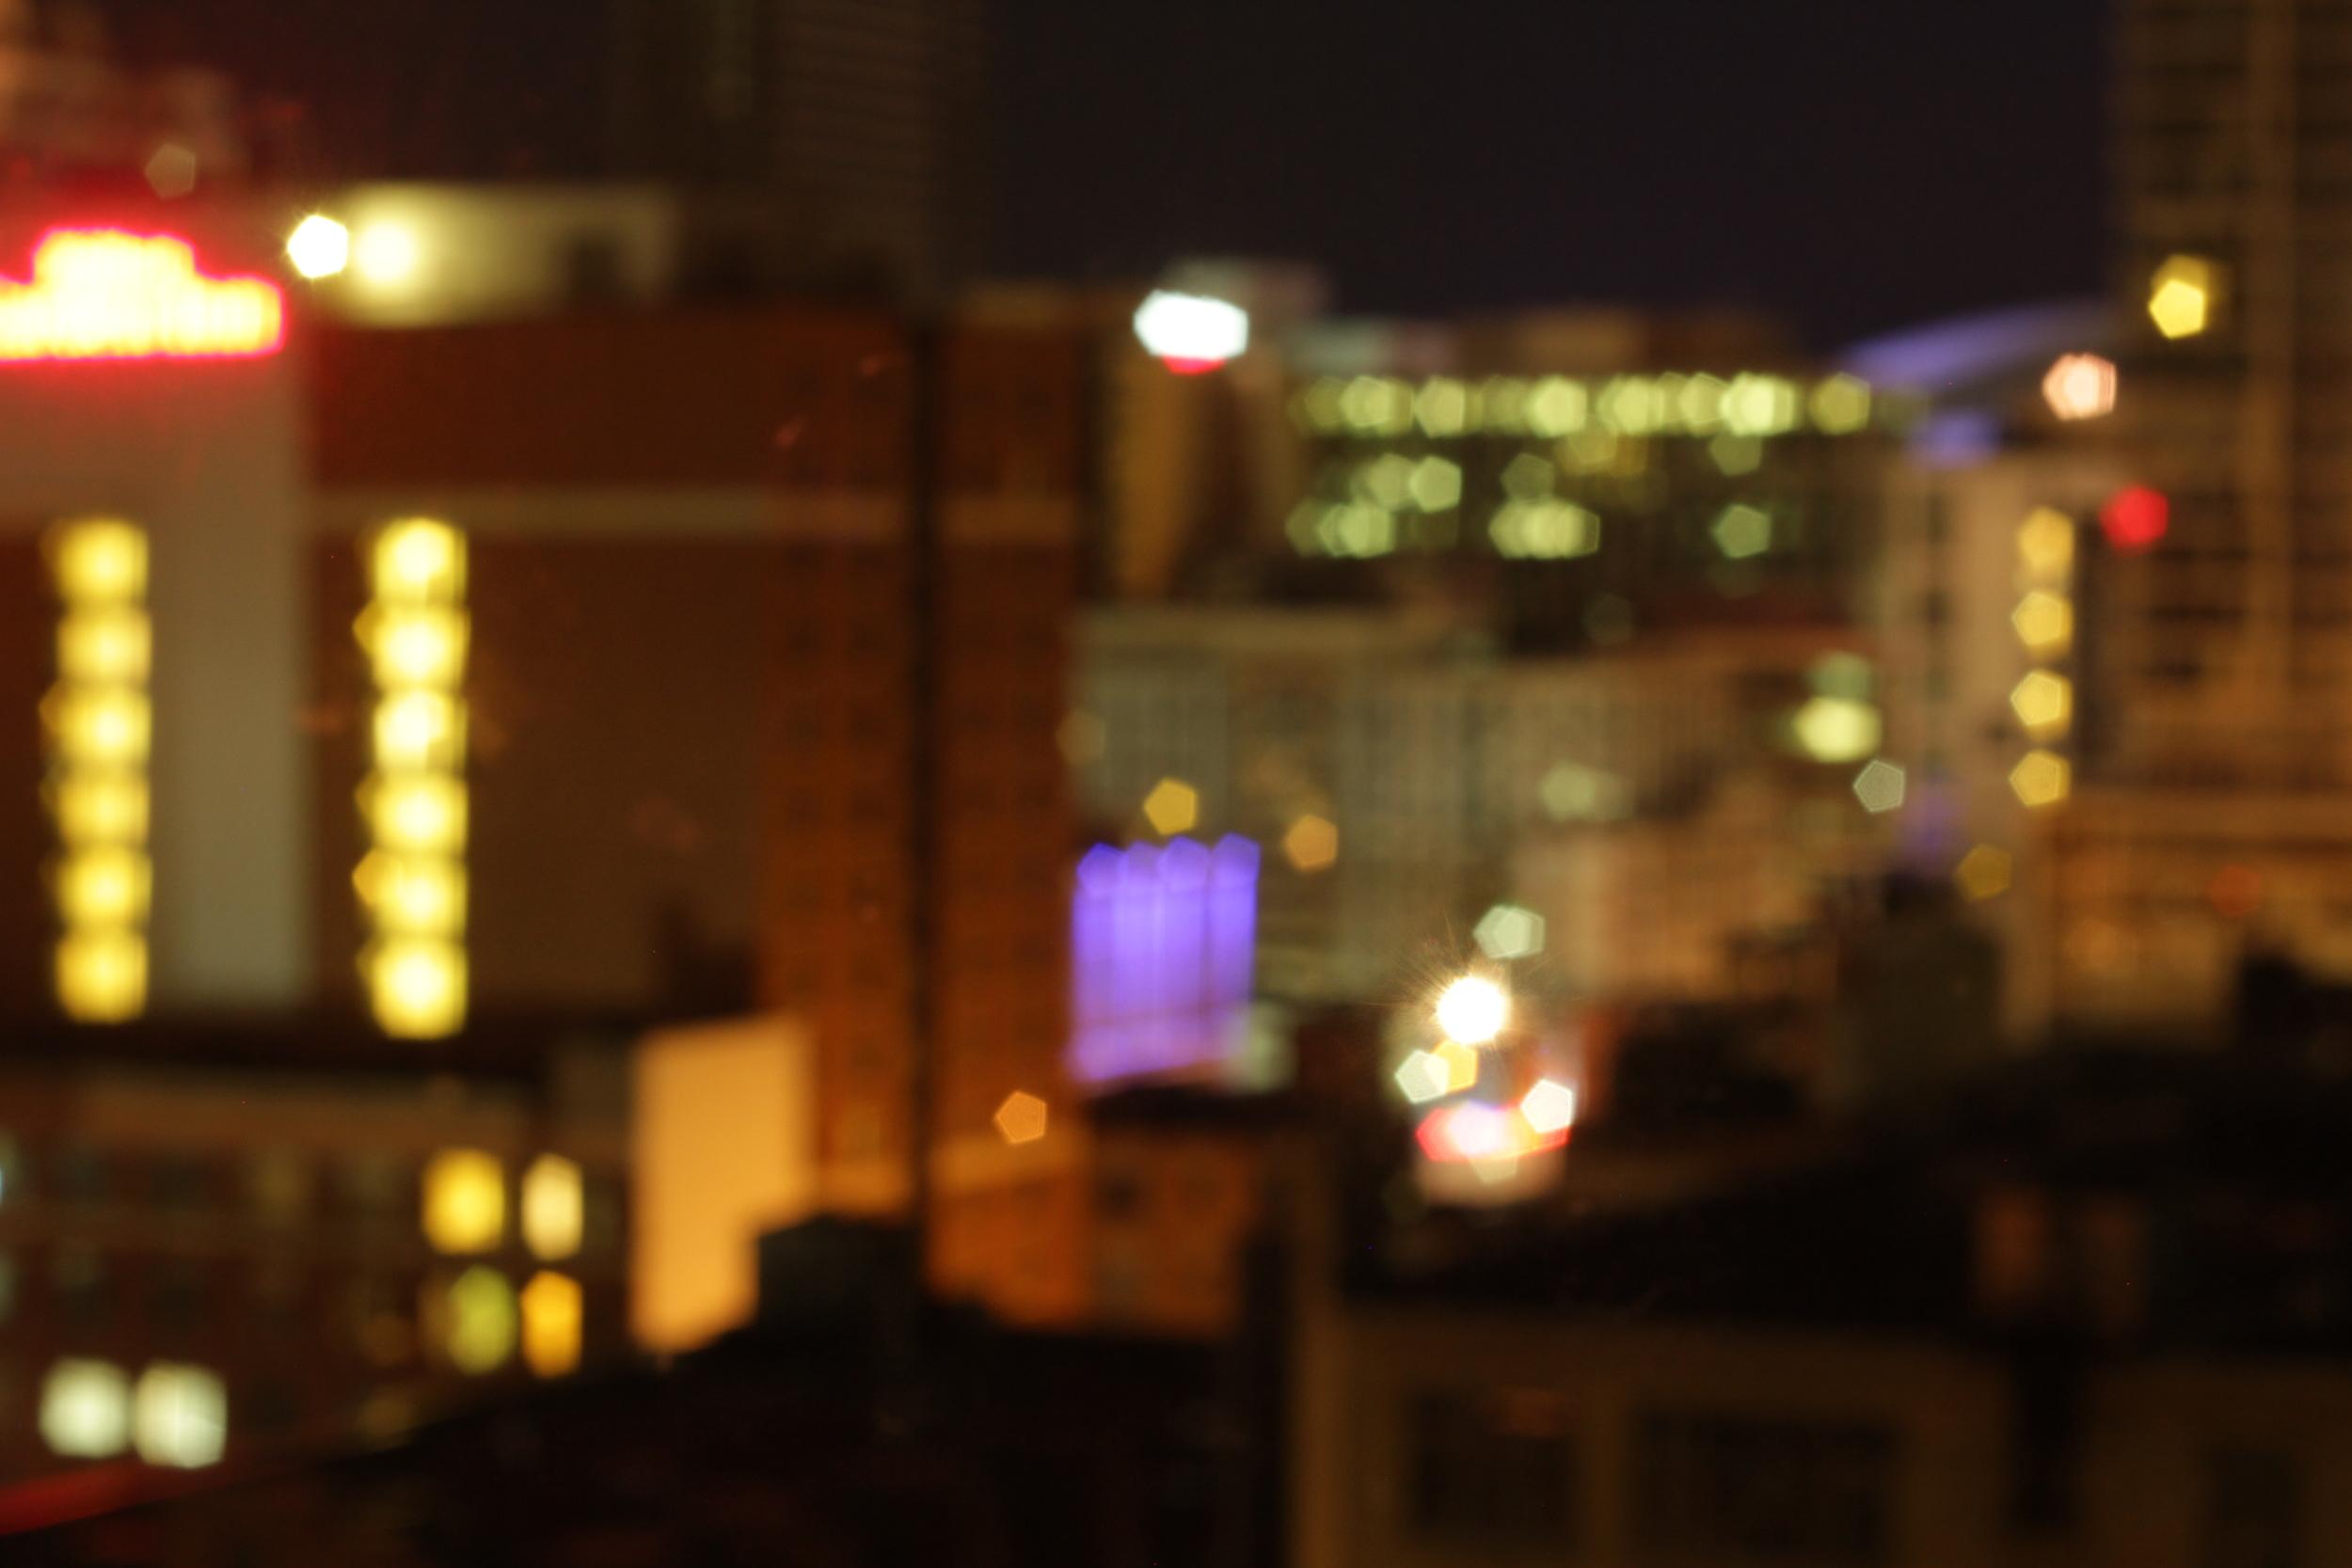 Same shot, in camera defocus (click for full image)